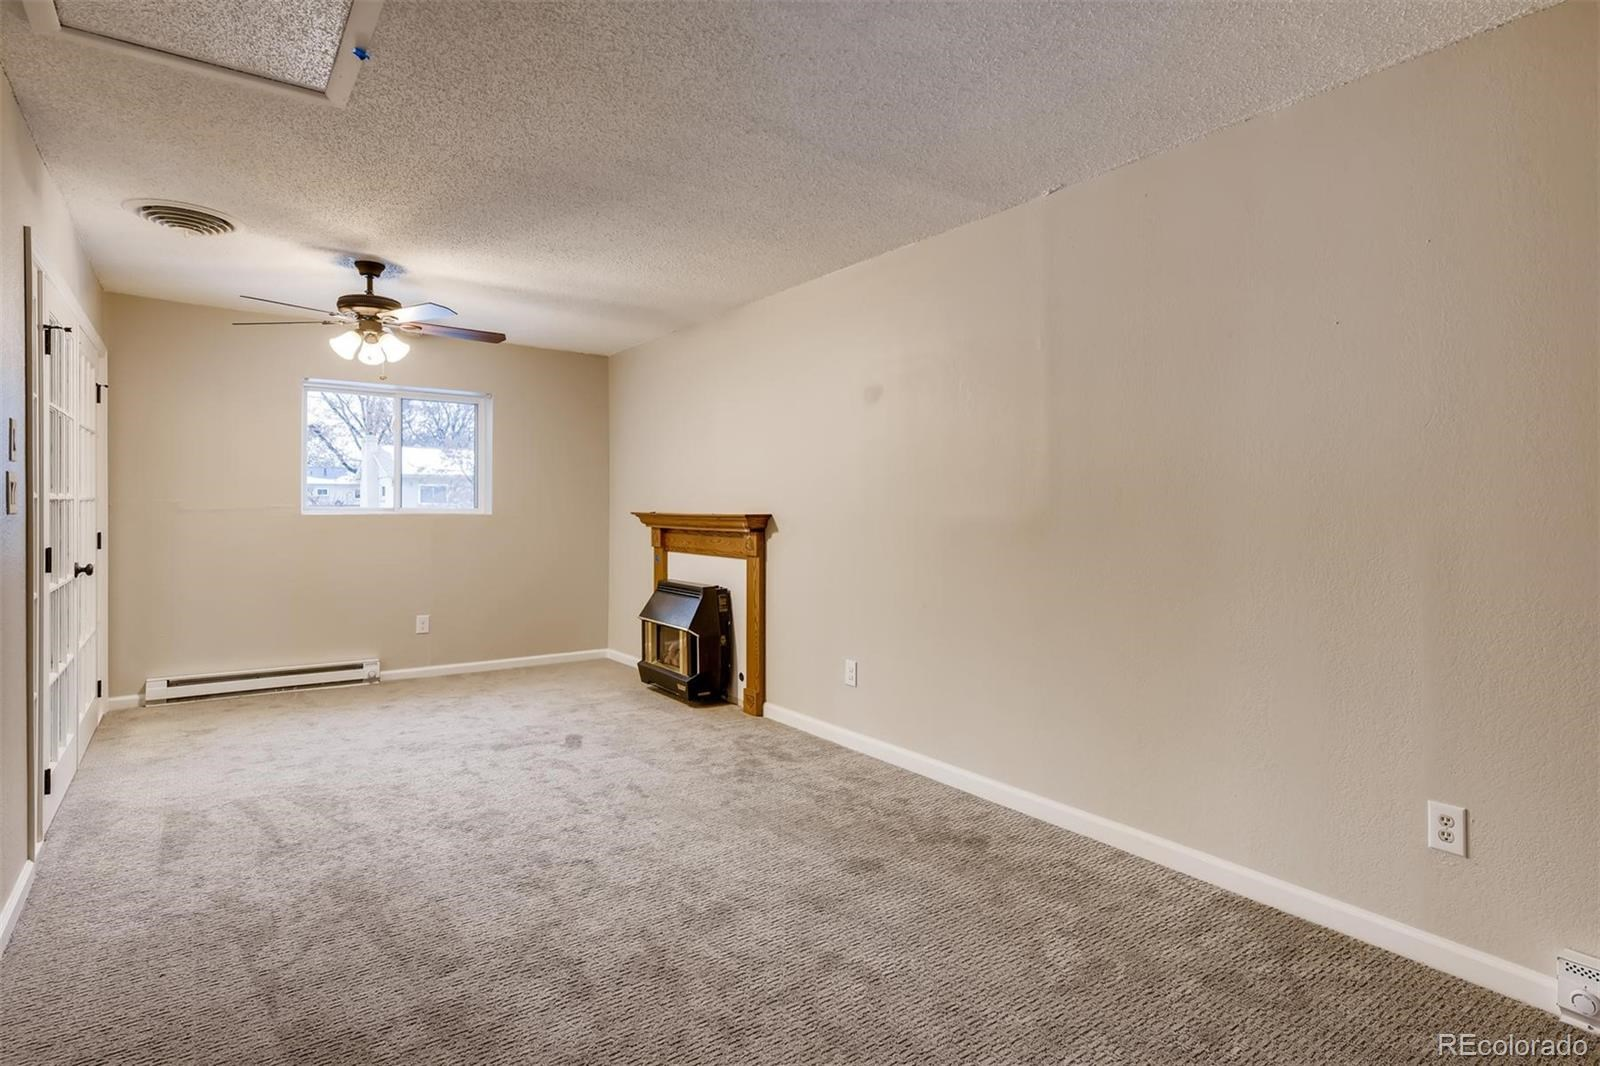 MLS# 9477565 - 12 - 3406 S Stuart Street, Denver, CO 80236